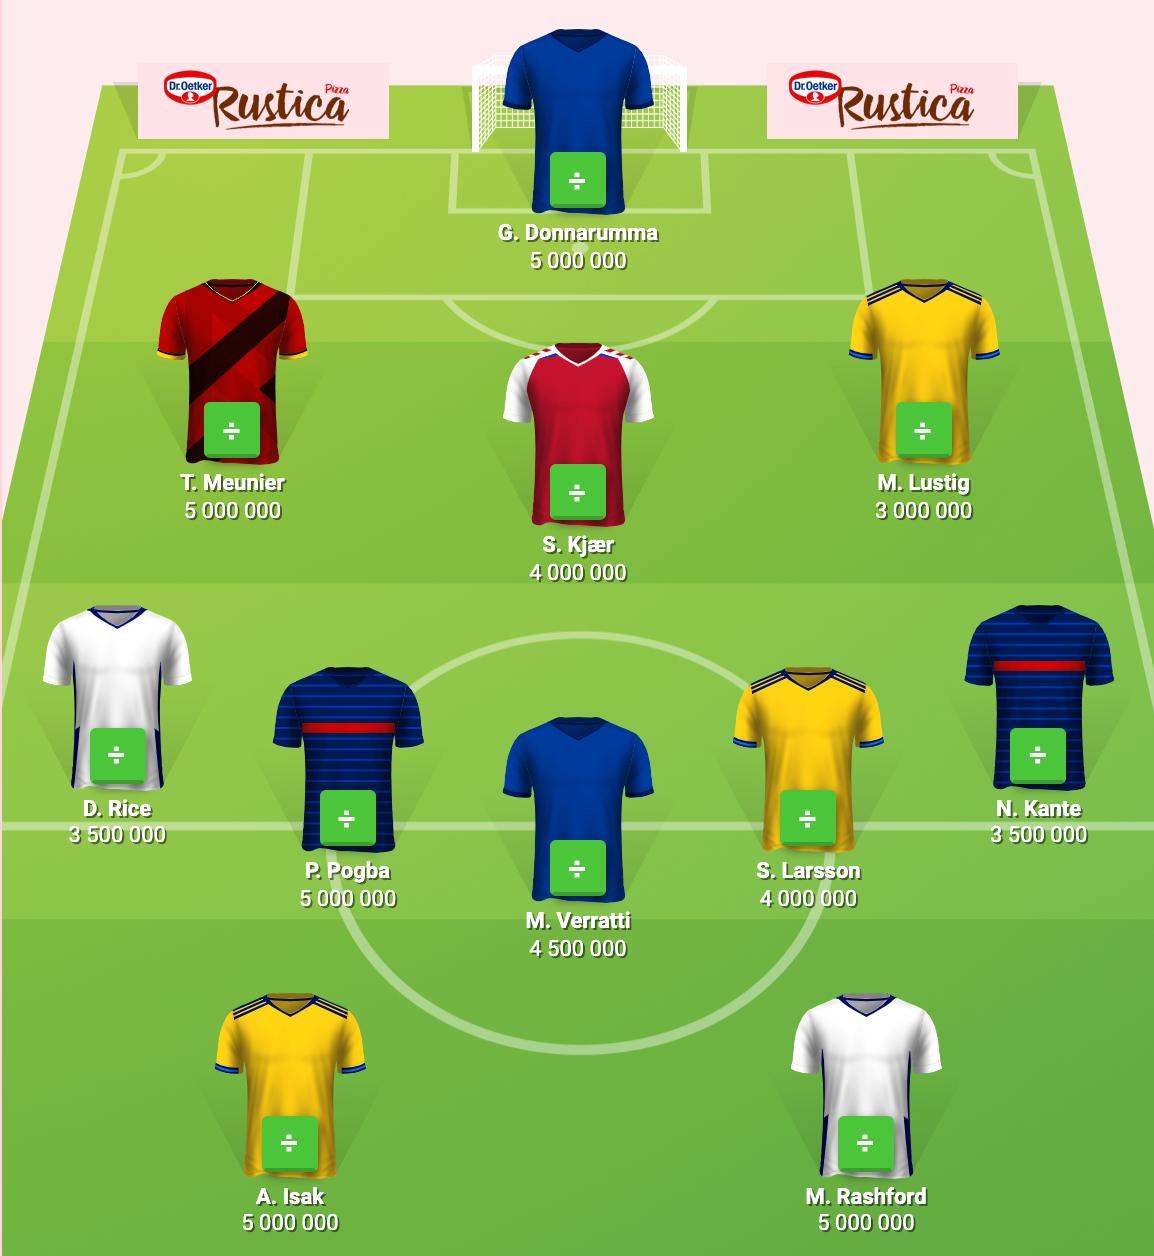 Per Bolunds EM-elva med de tre AIK-bekantingarna Lustig, Larsson och Isak tillsammans med ett gäng profiler.